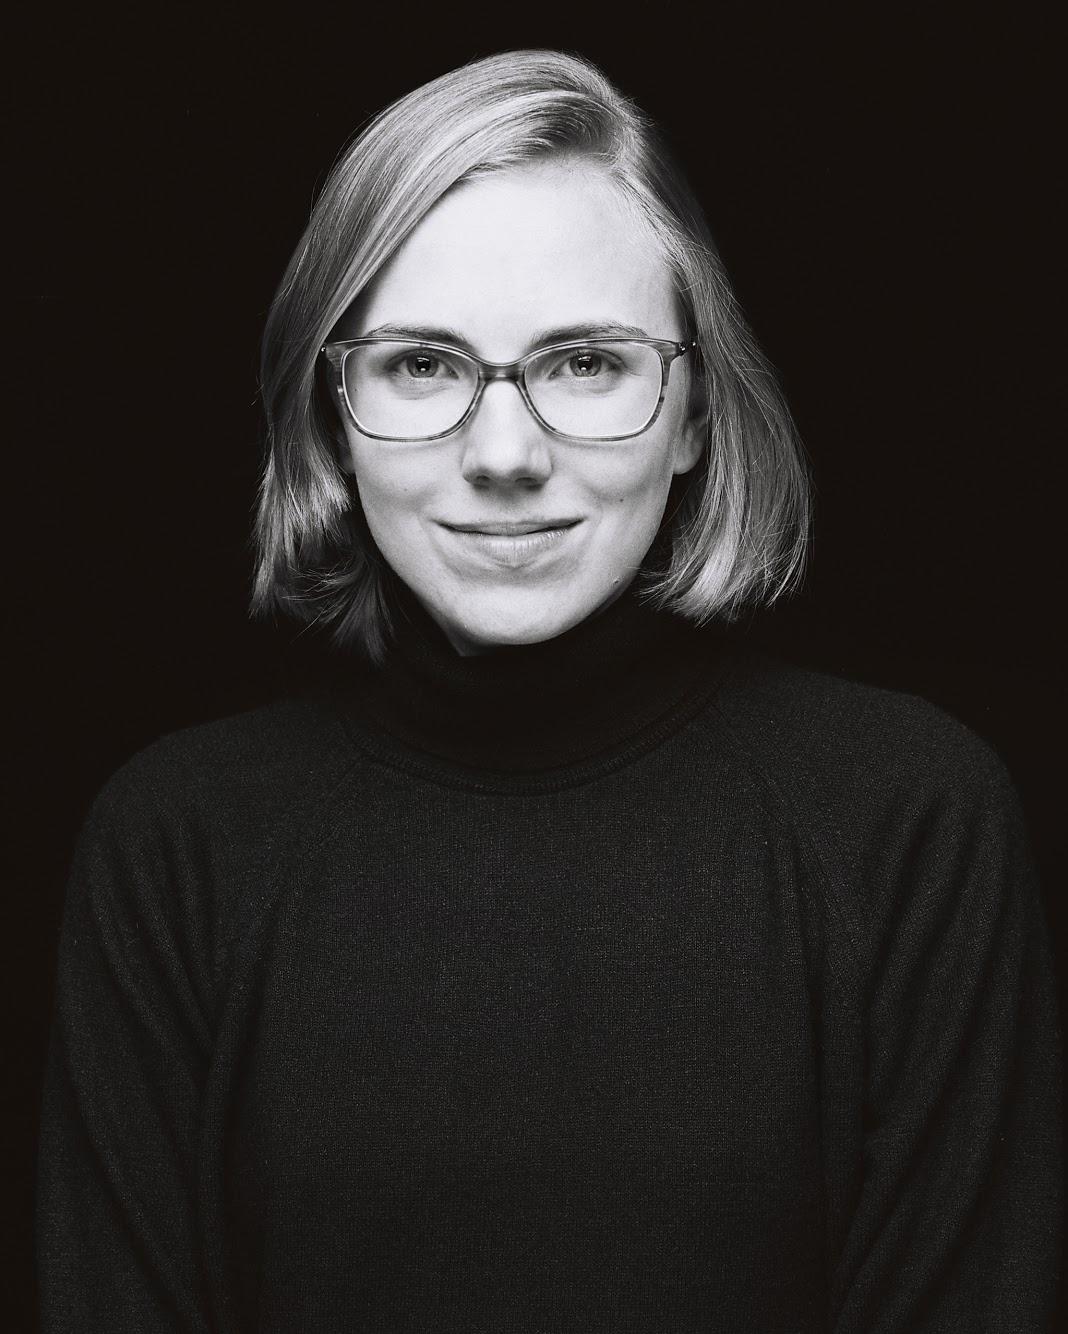 Photo of Zoe Januszewski